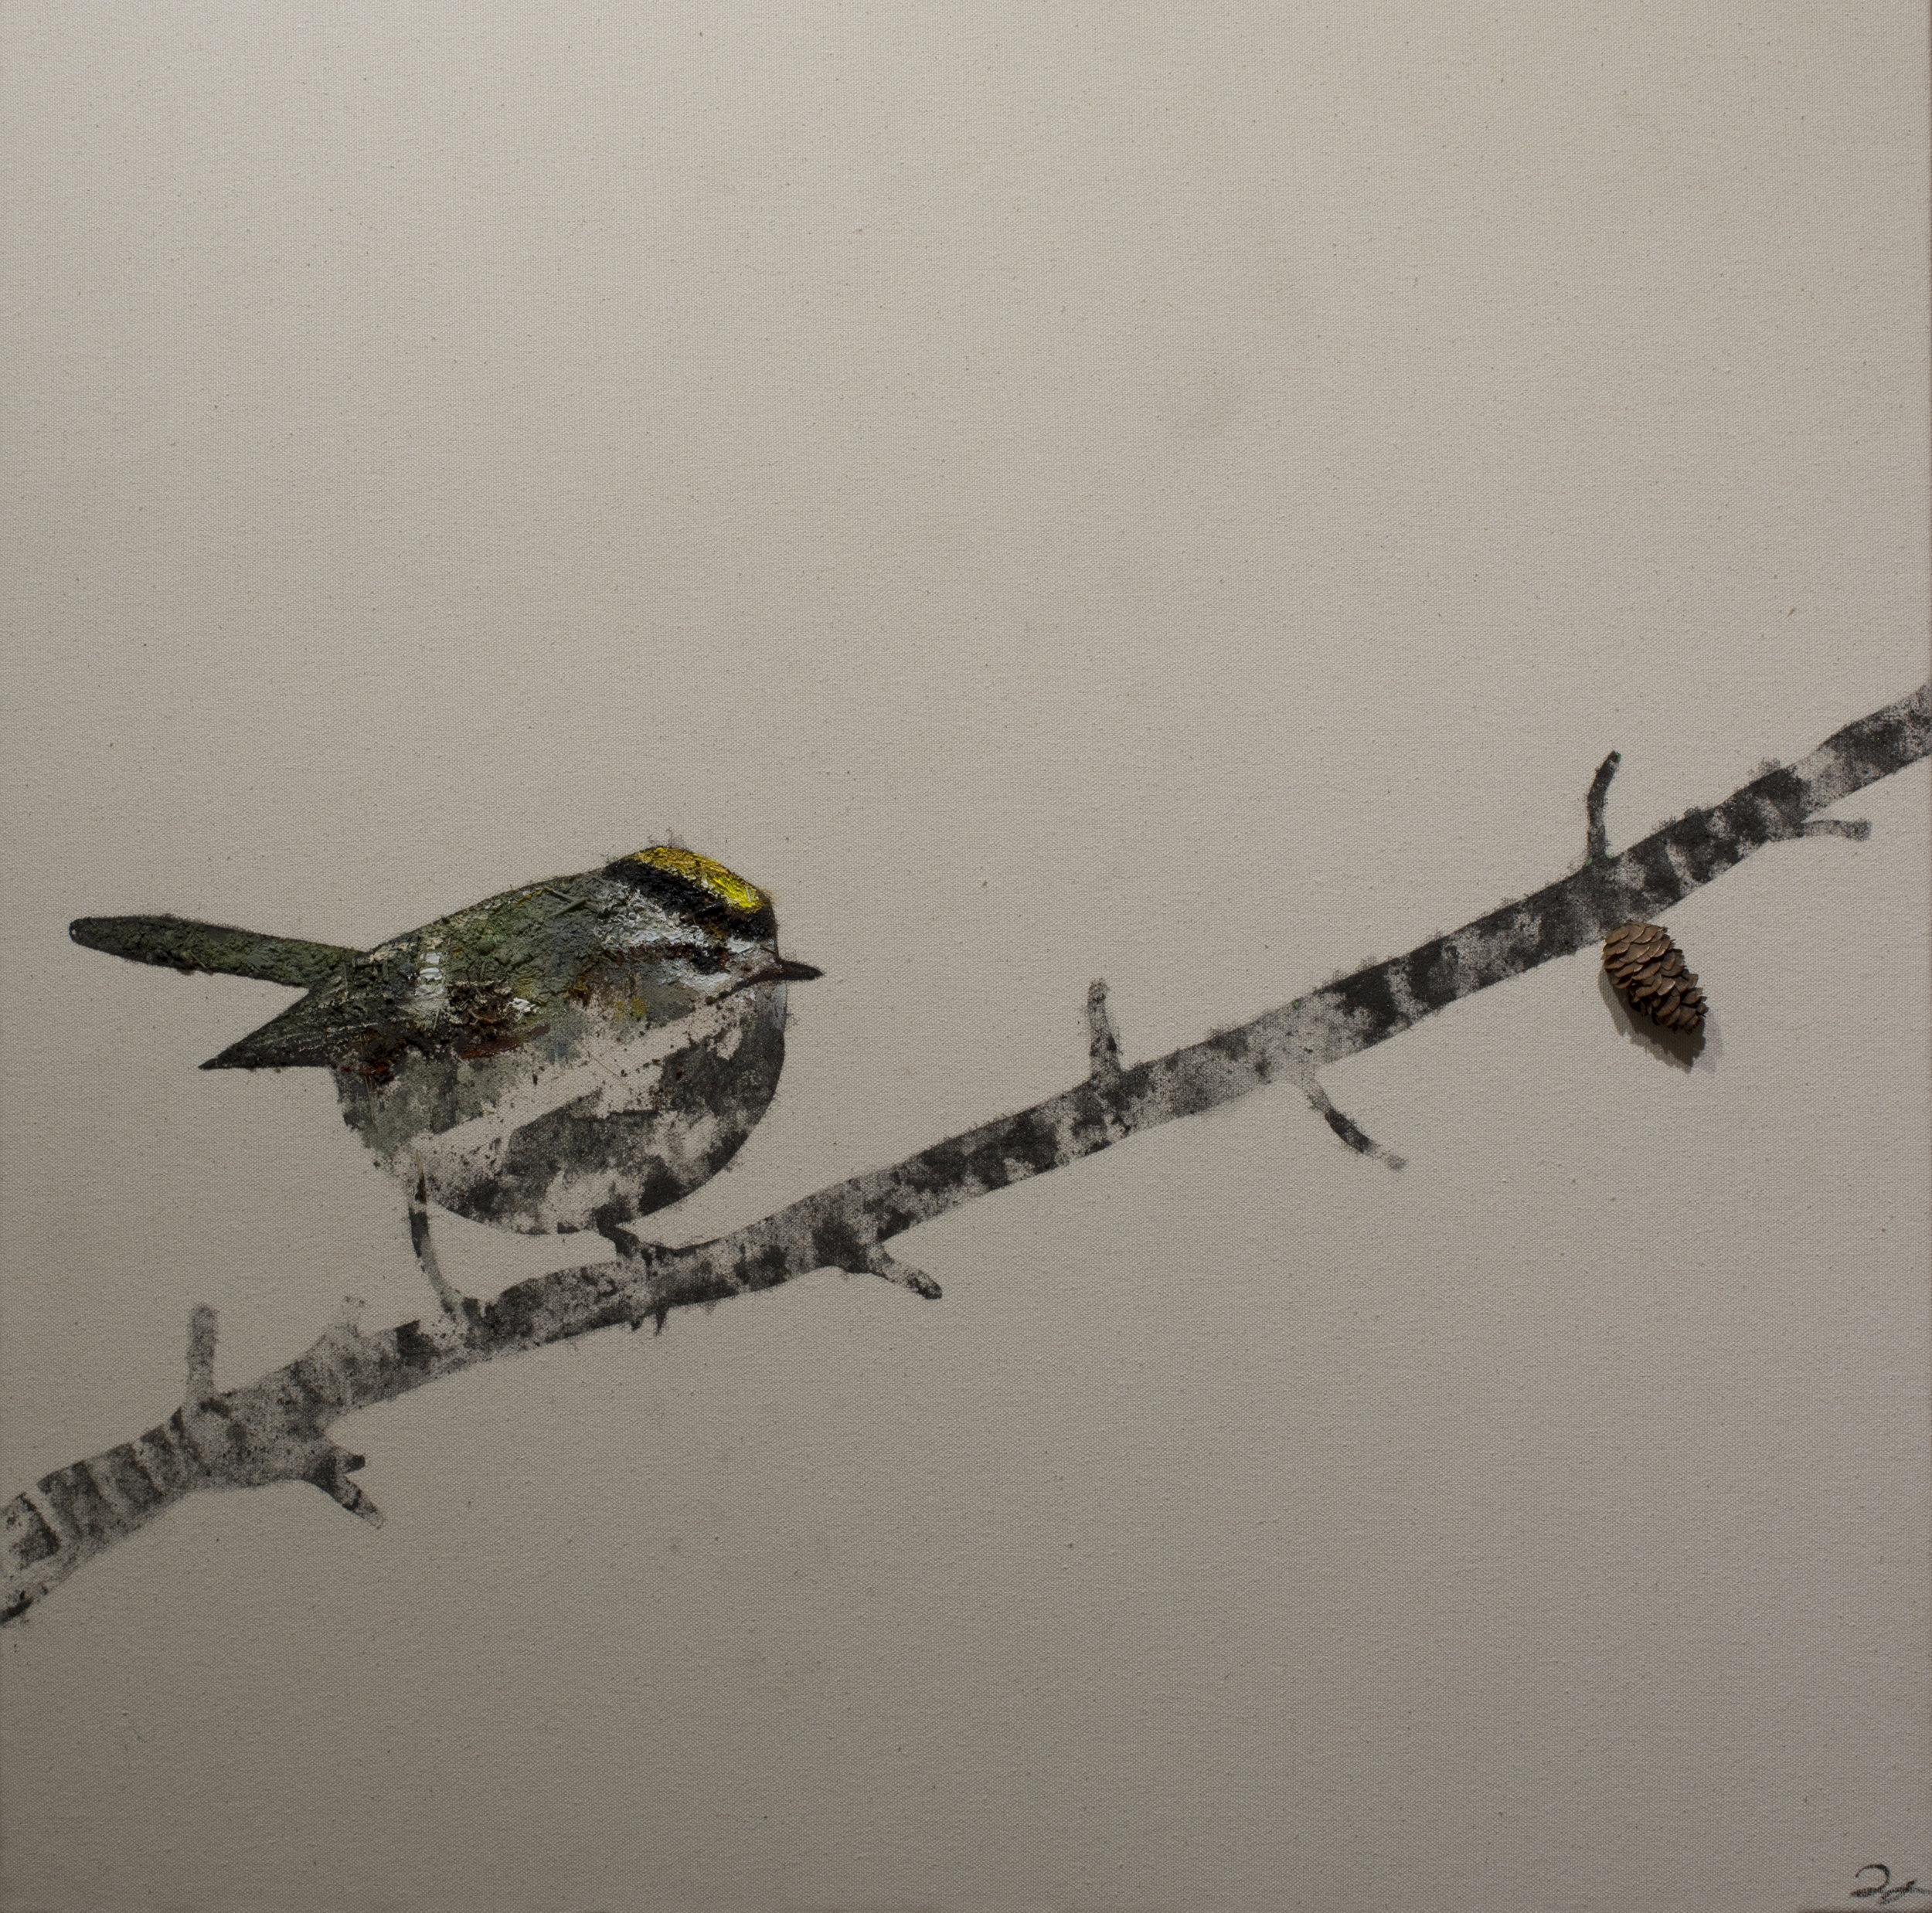 Earth Bird, Sparrow